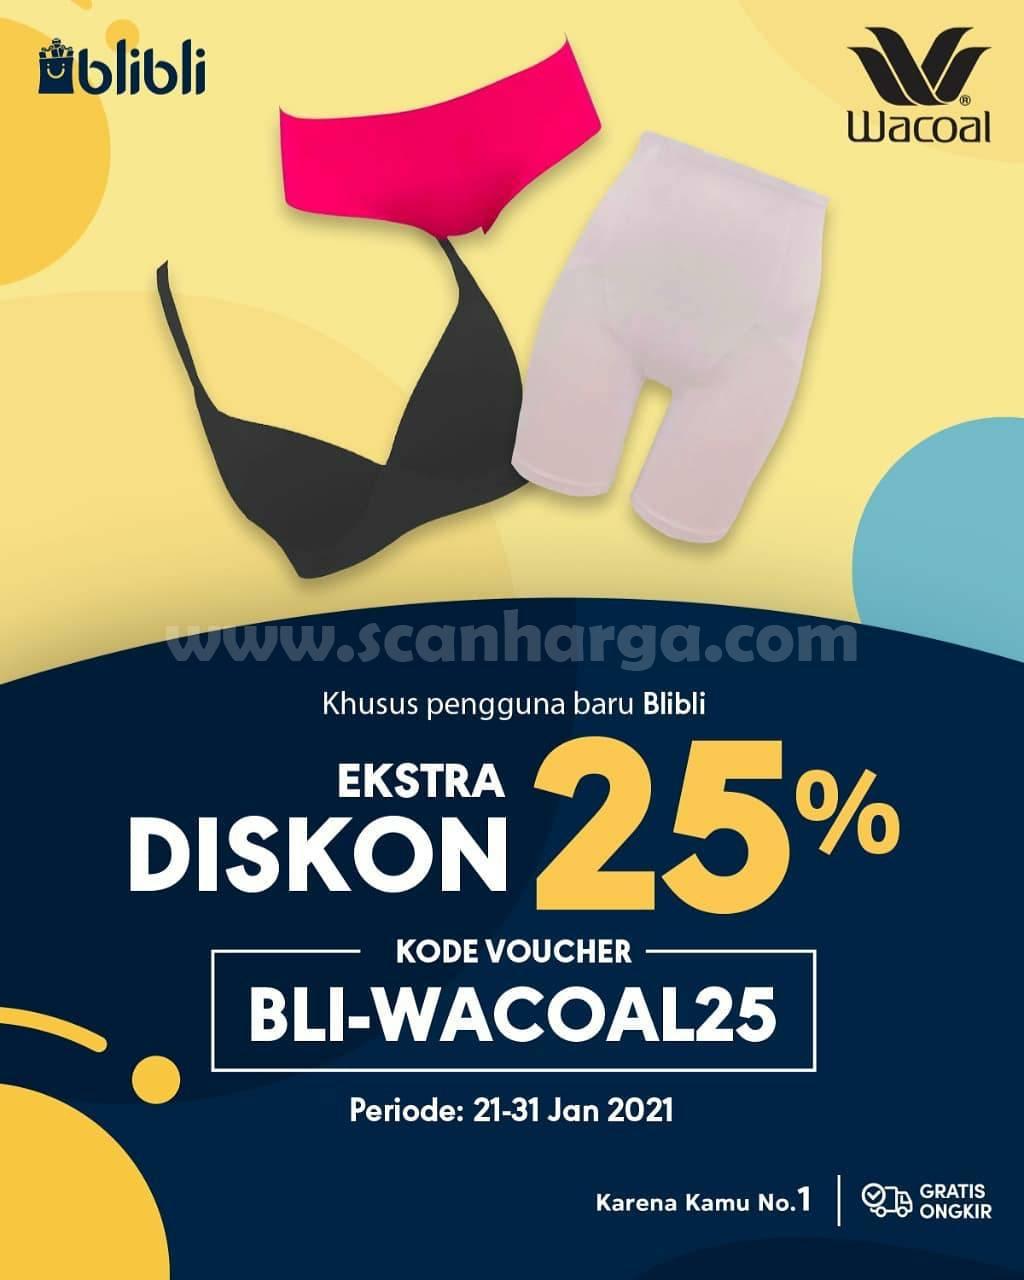 WACOAL Promo Extra Diskon 20% khusus pengguna baru Blibli